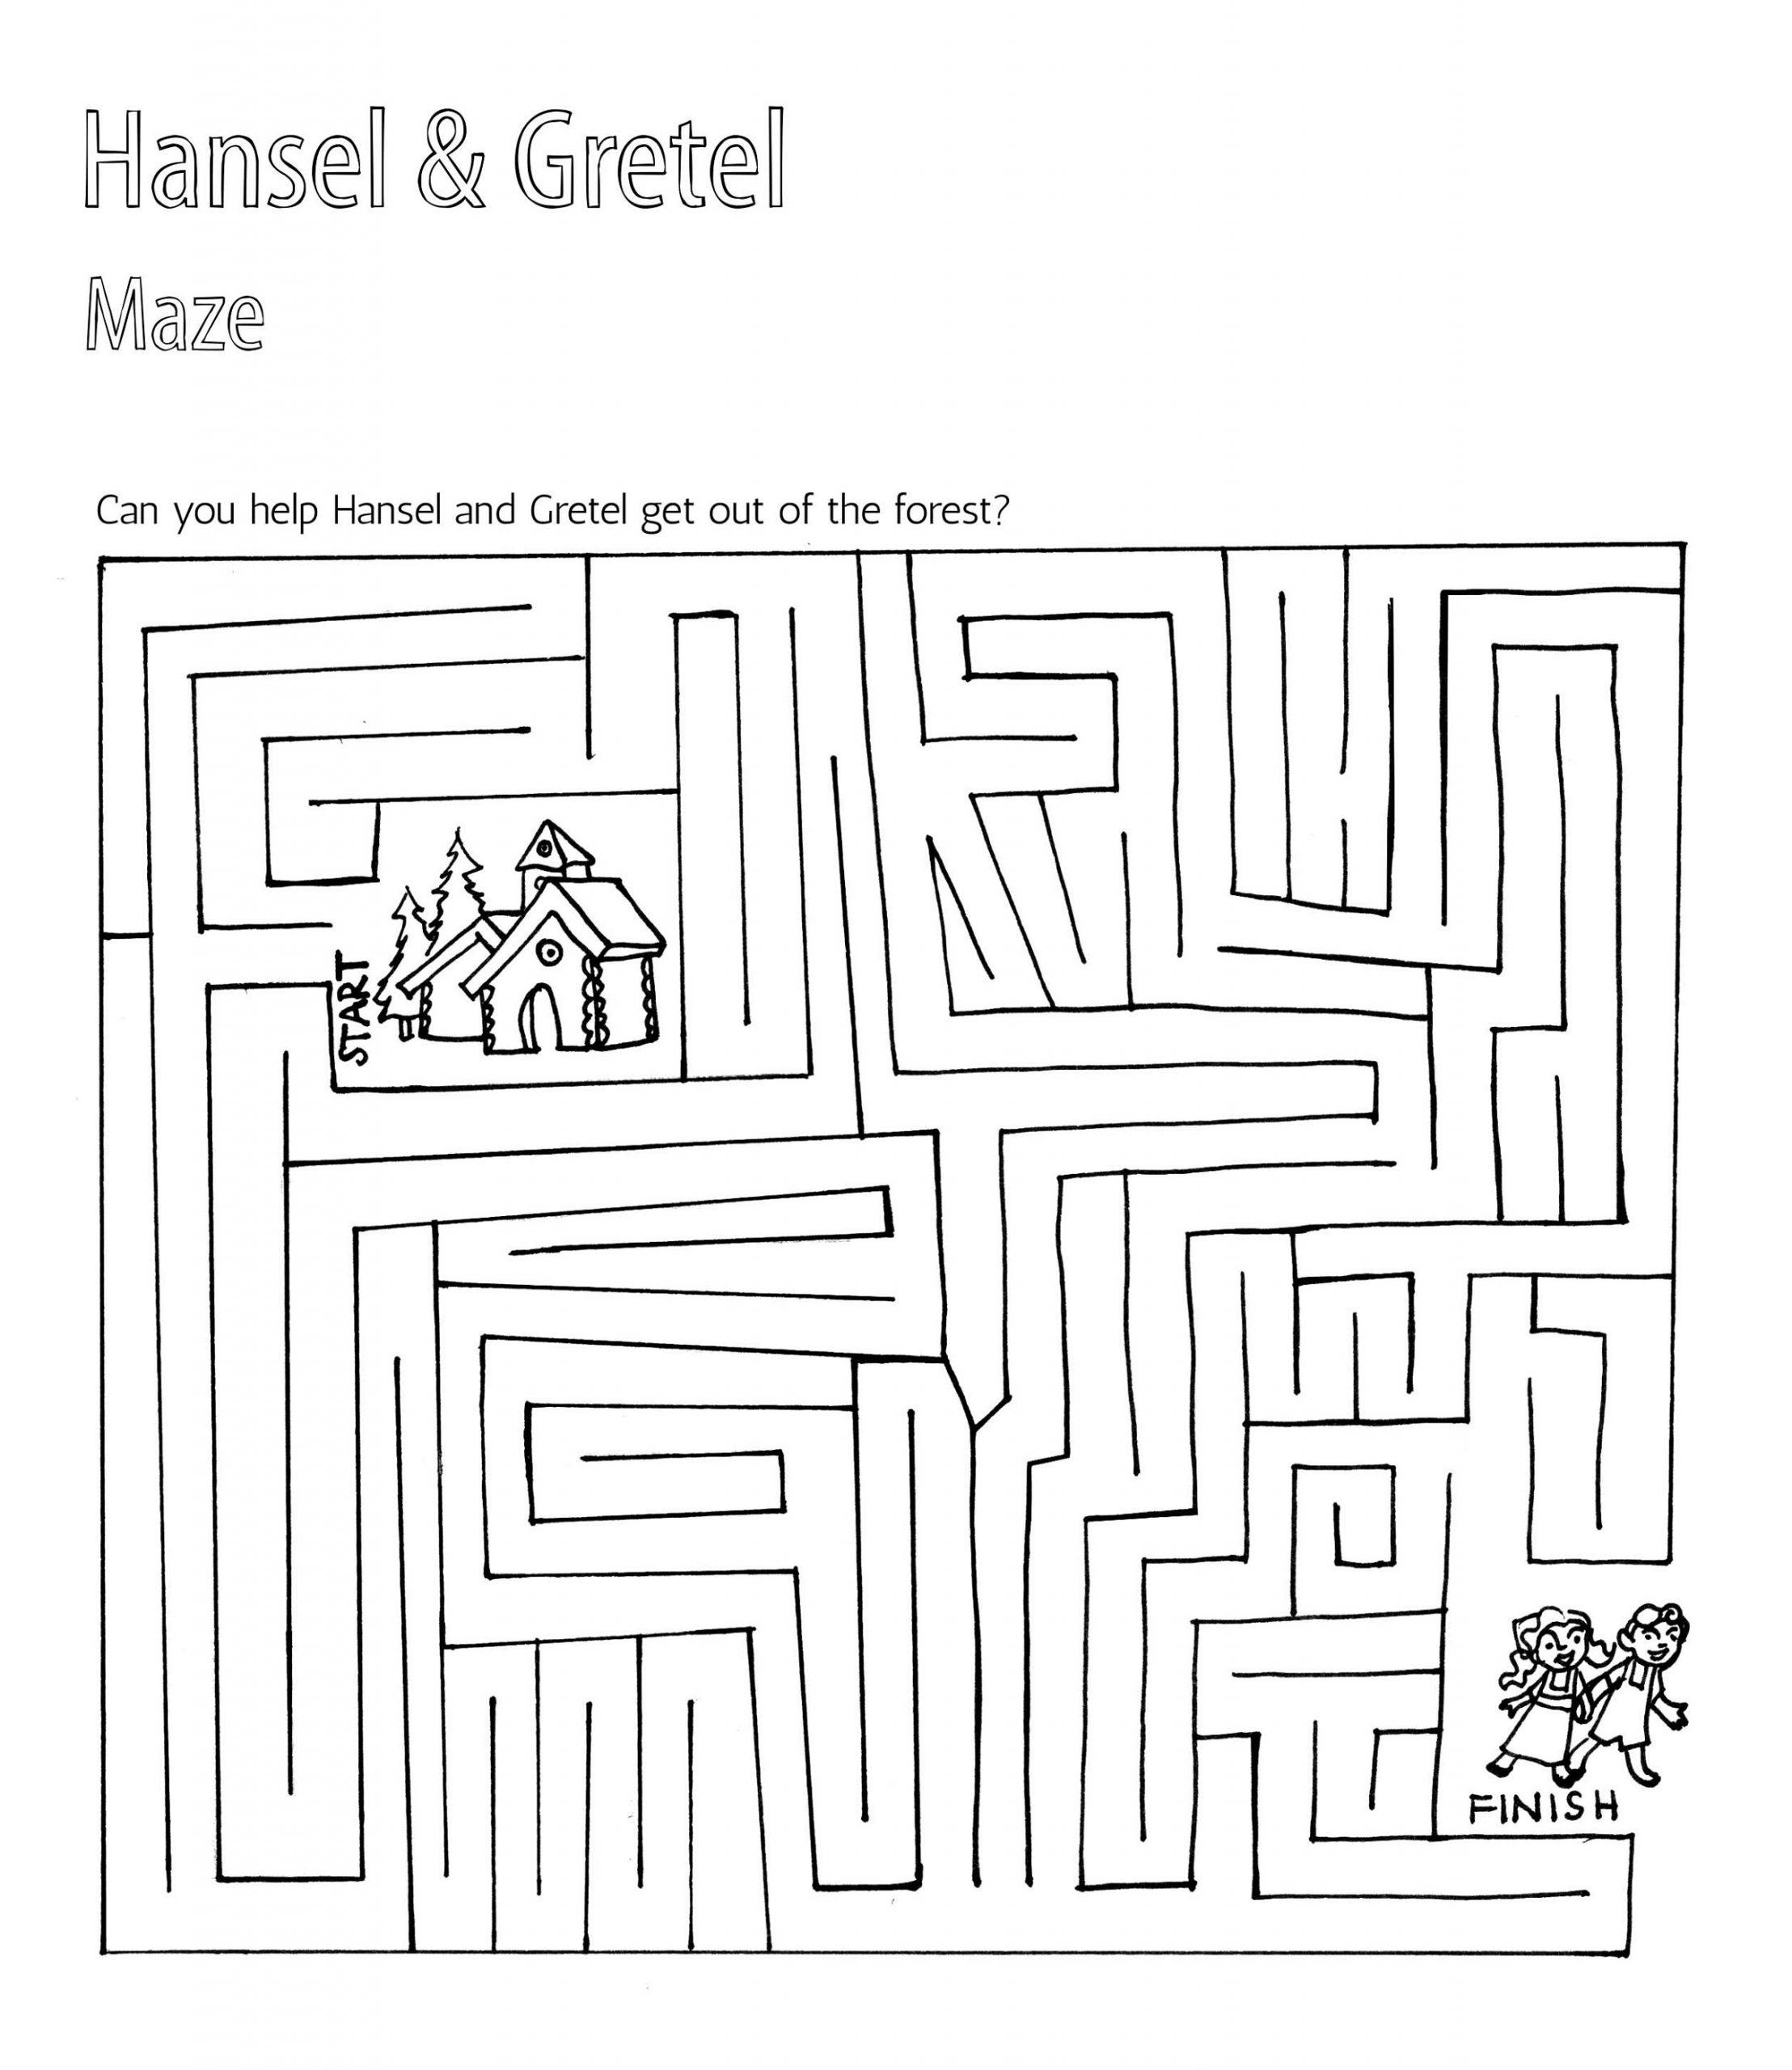 Hansel and Gretel Activities Maze